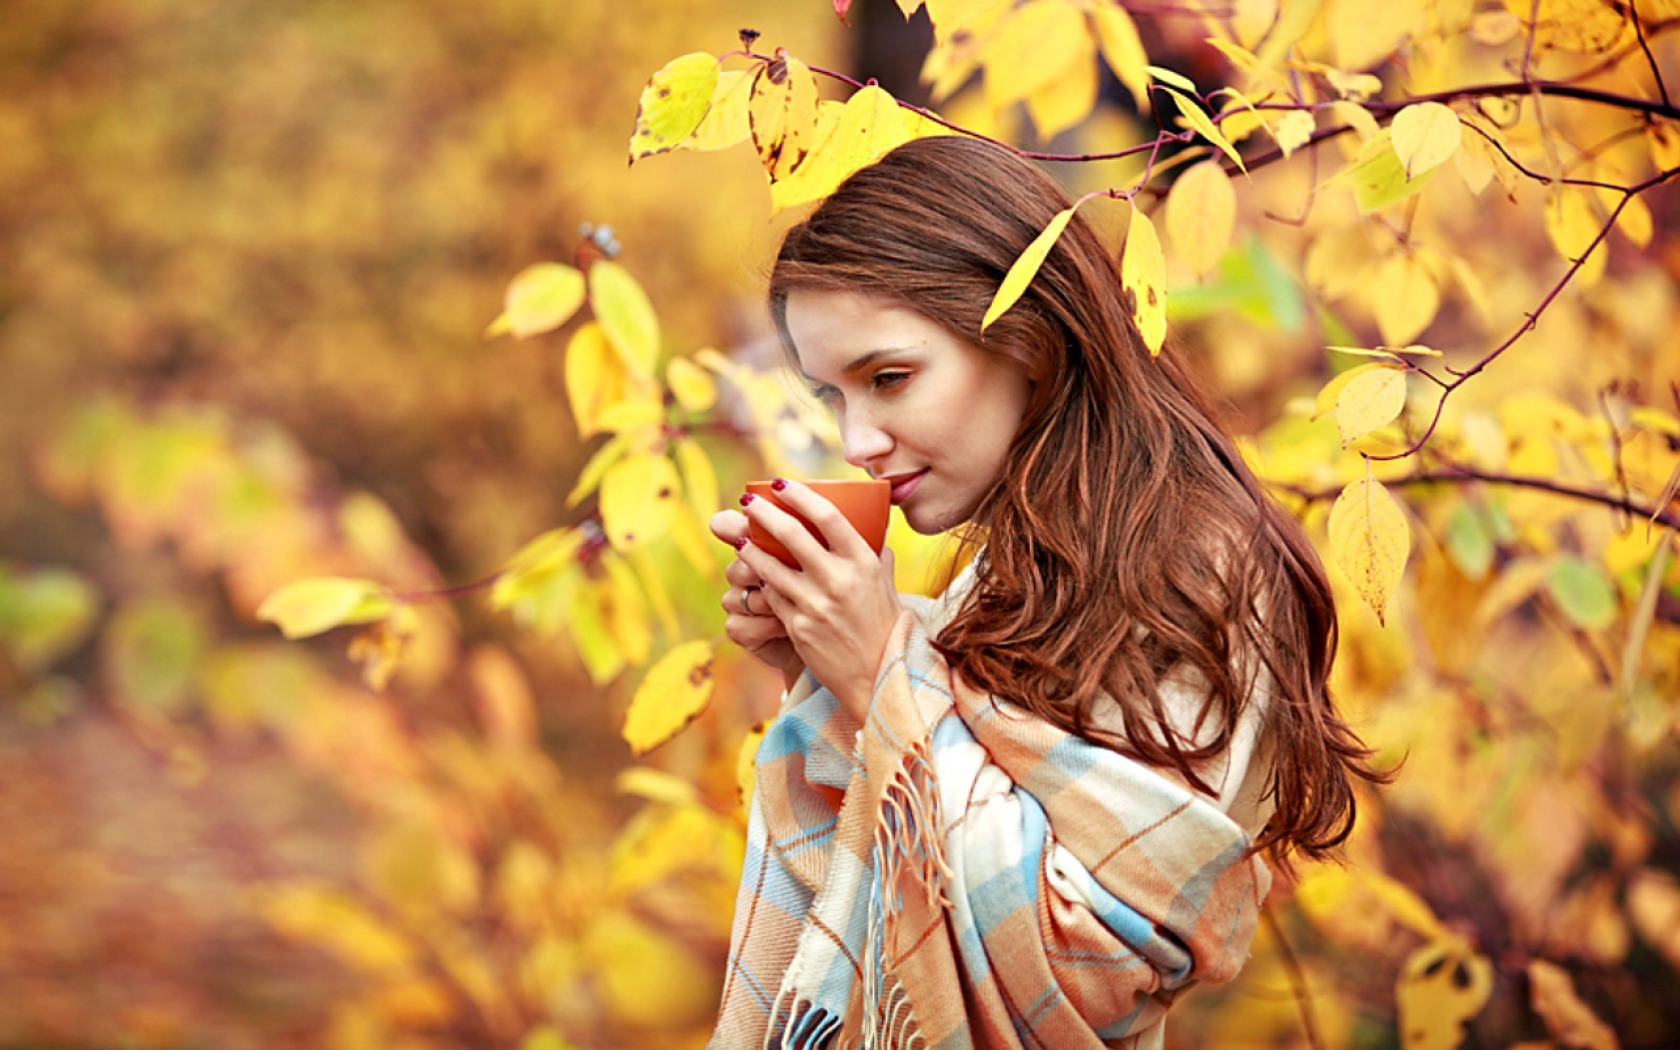 ... Y caen las hojas, llega ....¡¡¡ EL Otoño !!! - Página 3 H-58533